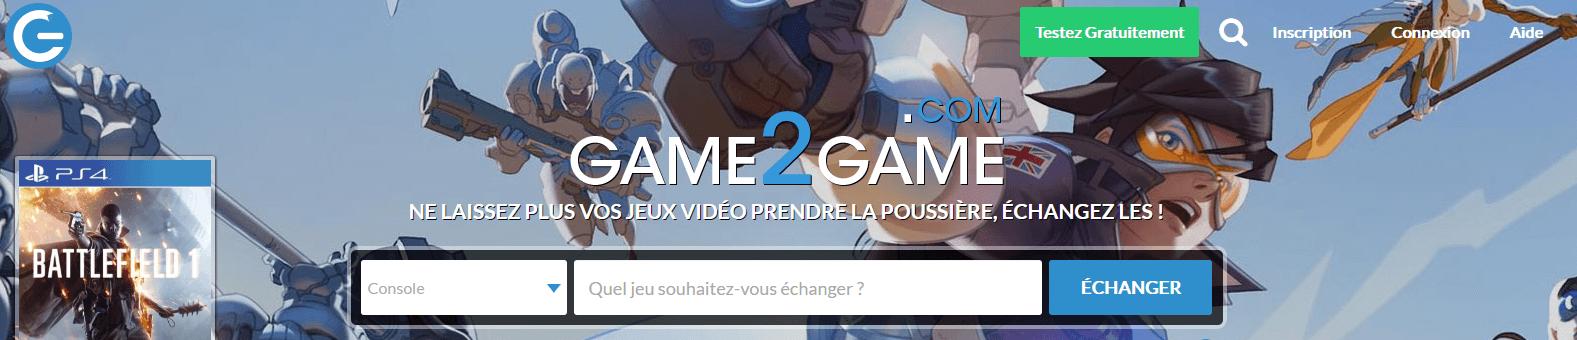 echange-jeux-ps4-moteur-de-recherche